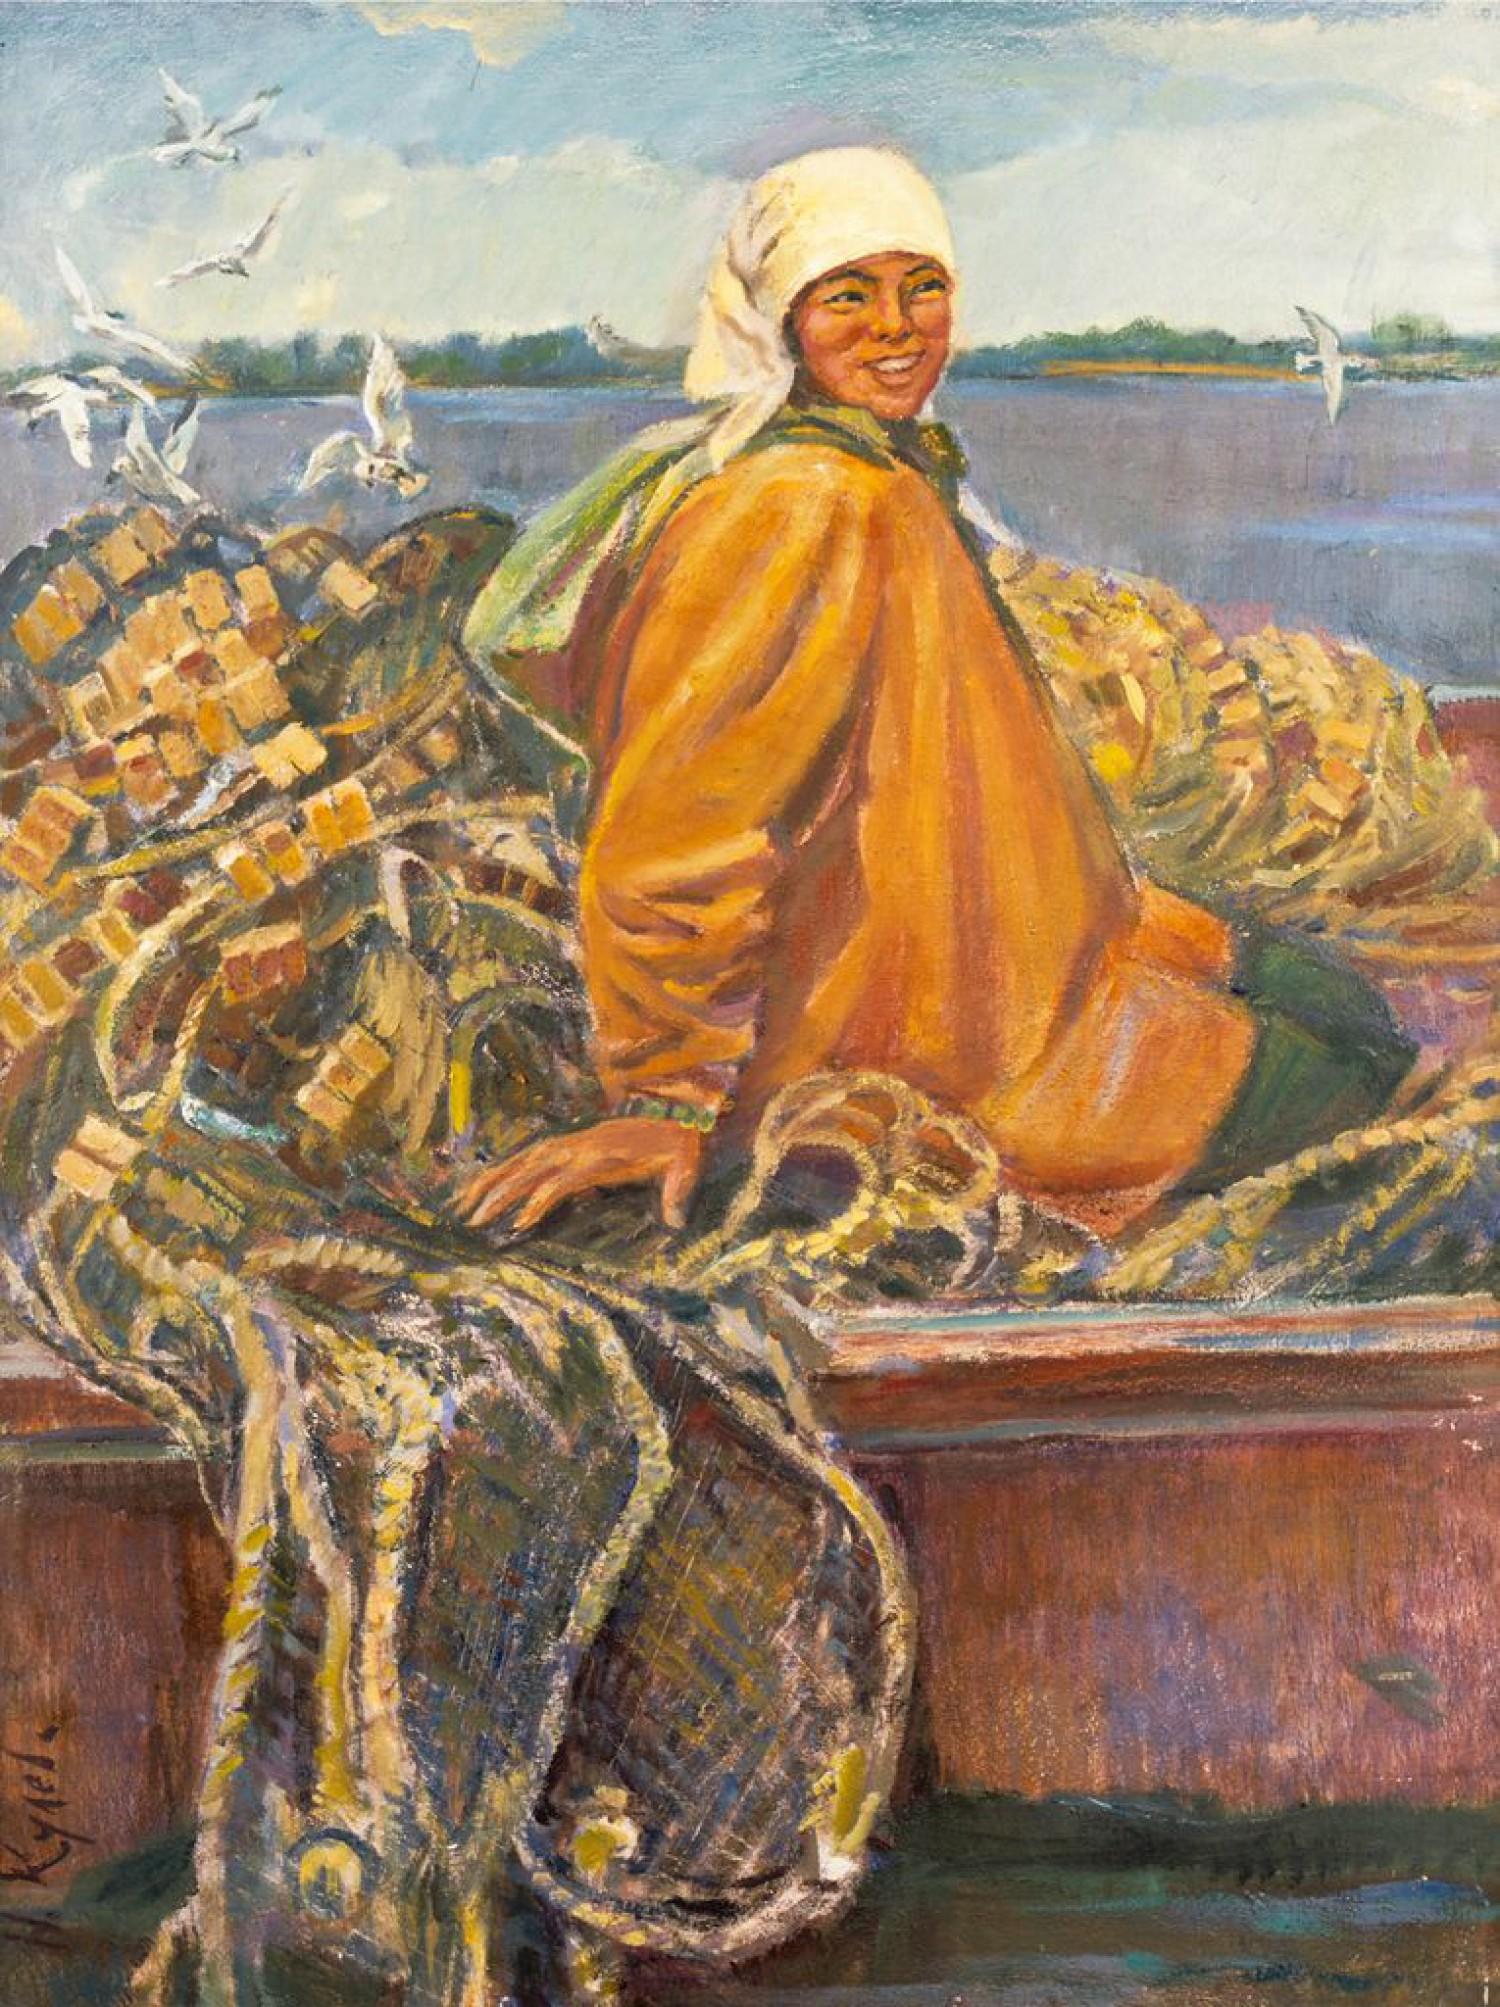 Н.Кулёва. Рыбачка. 2004. 79х59 см., картон, масло.